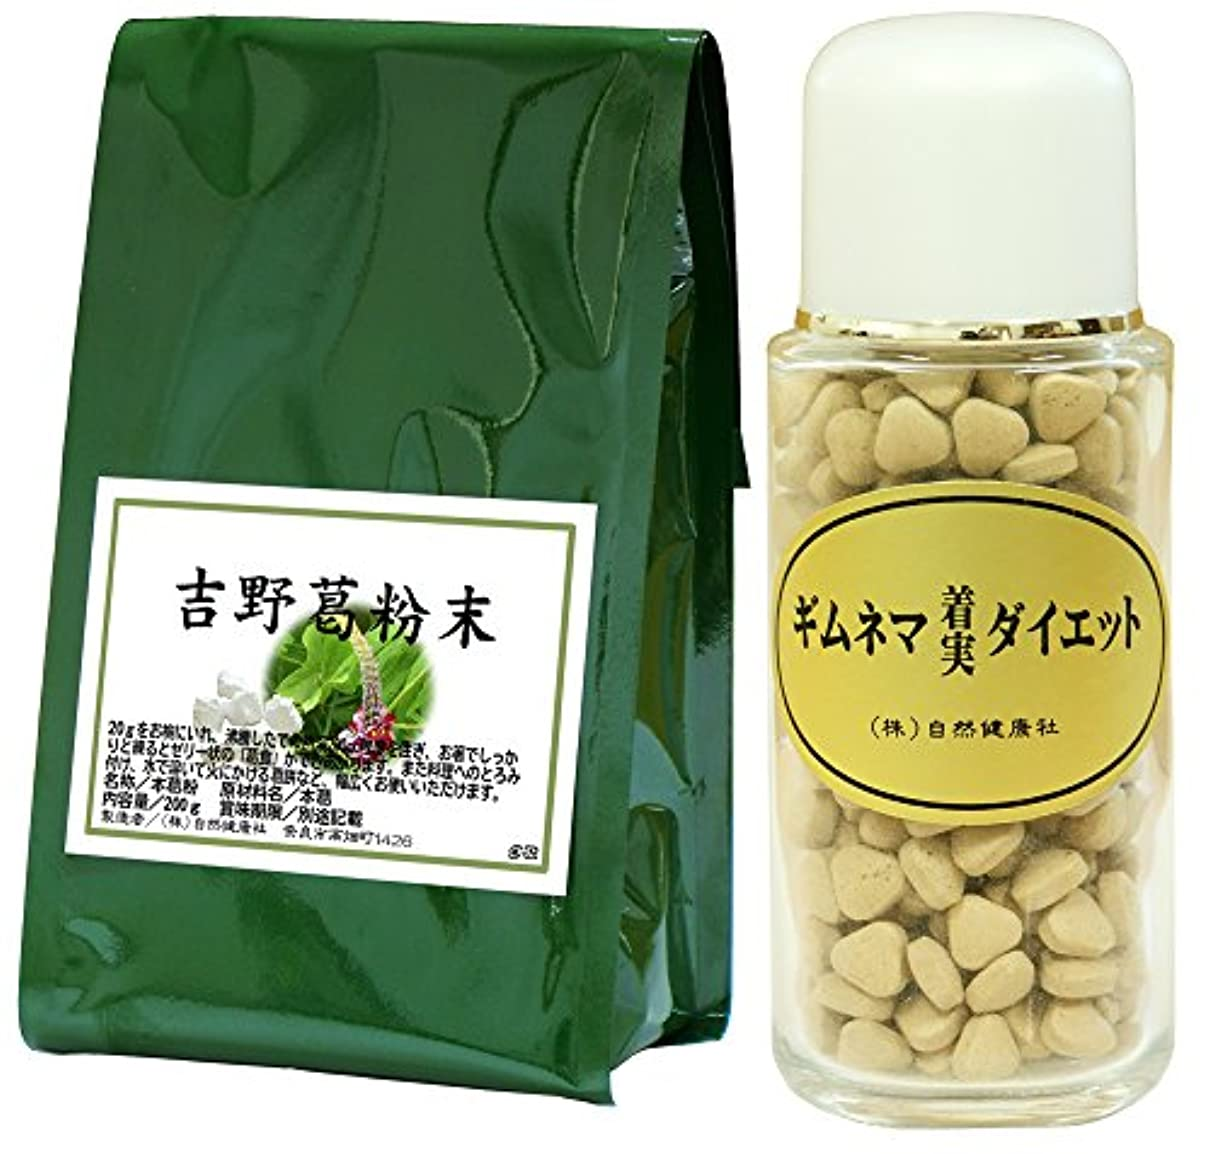 ルアー作物農場自然健康社 国産吉野葛粉末 200g + ギムネマダイエット 90g